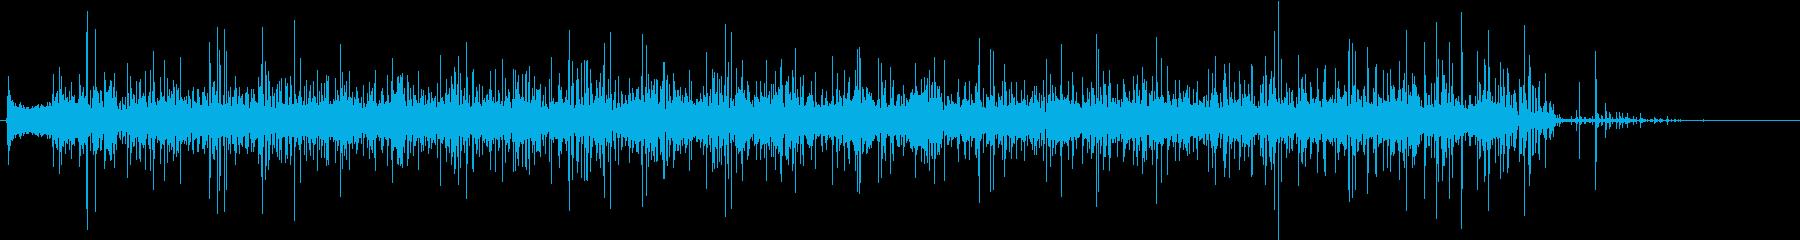 ノズル付きガーデンホース:ソークモ...の再生済みの波形